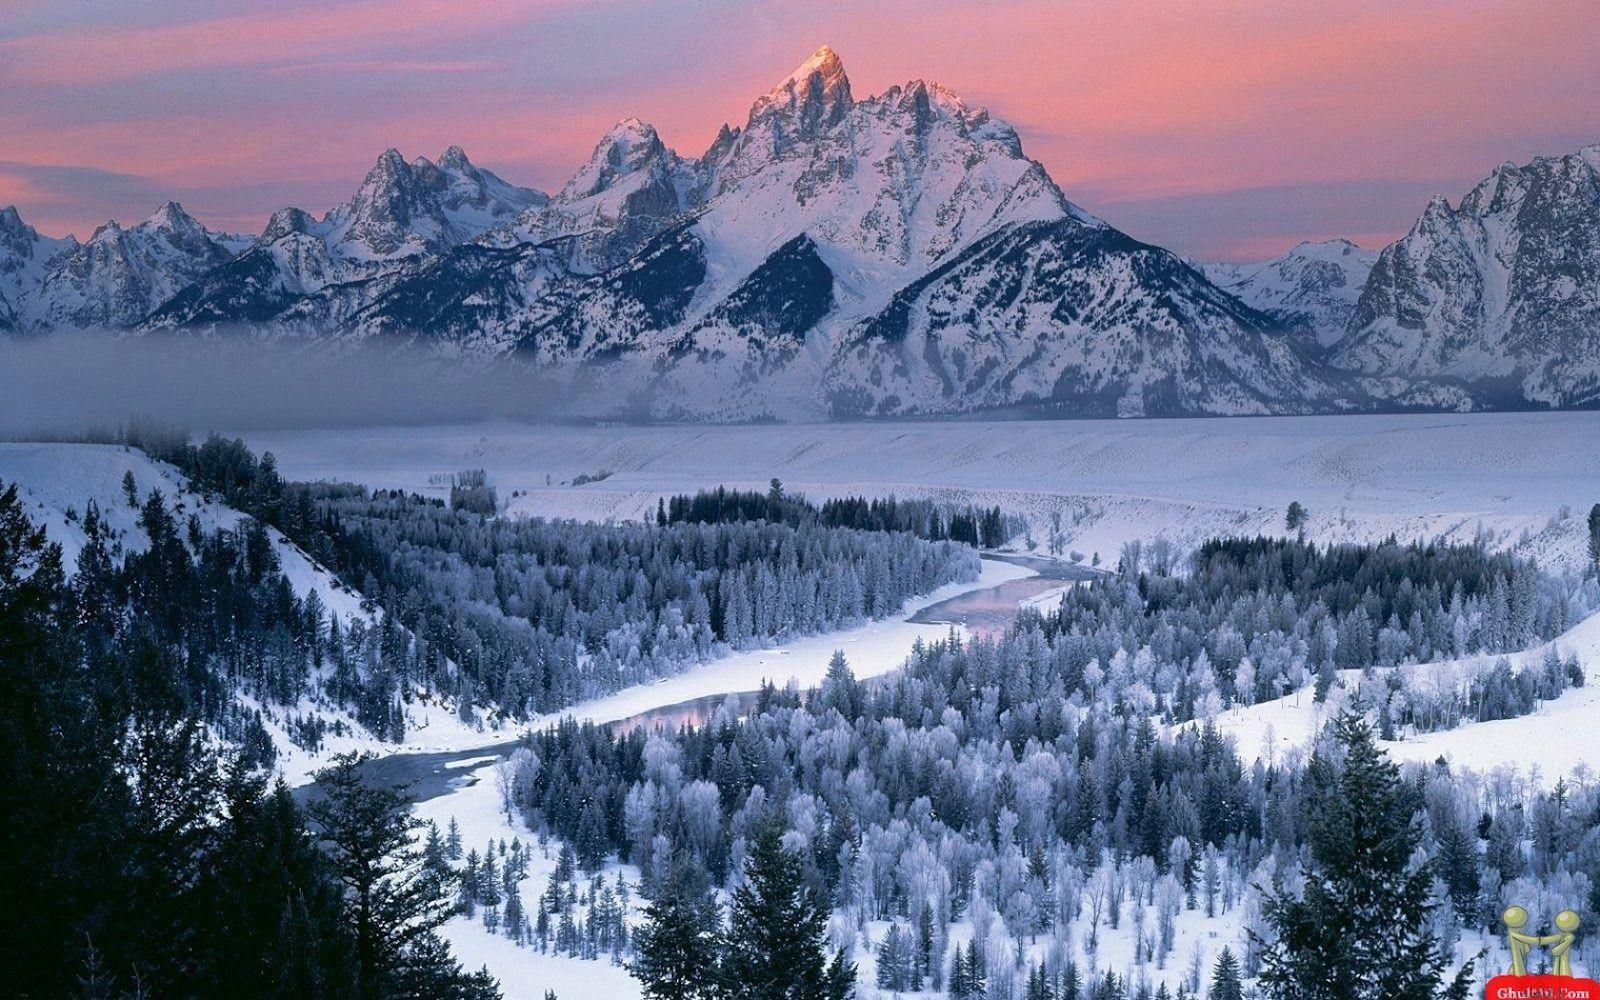 Hình nền dãy núi đẹp nhất 1600x1000 ở độ phân giải cao